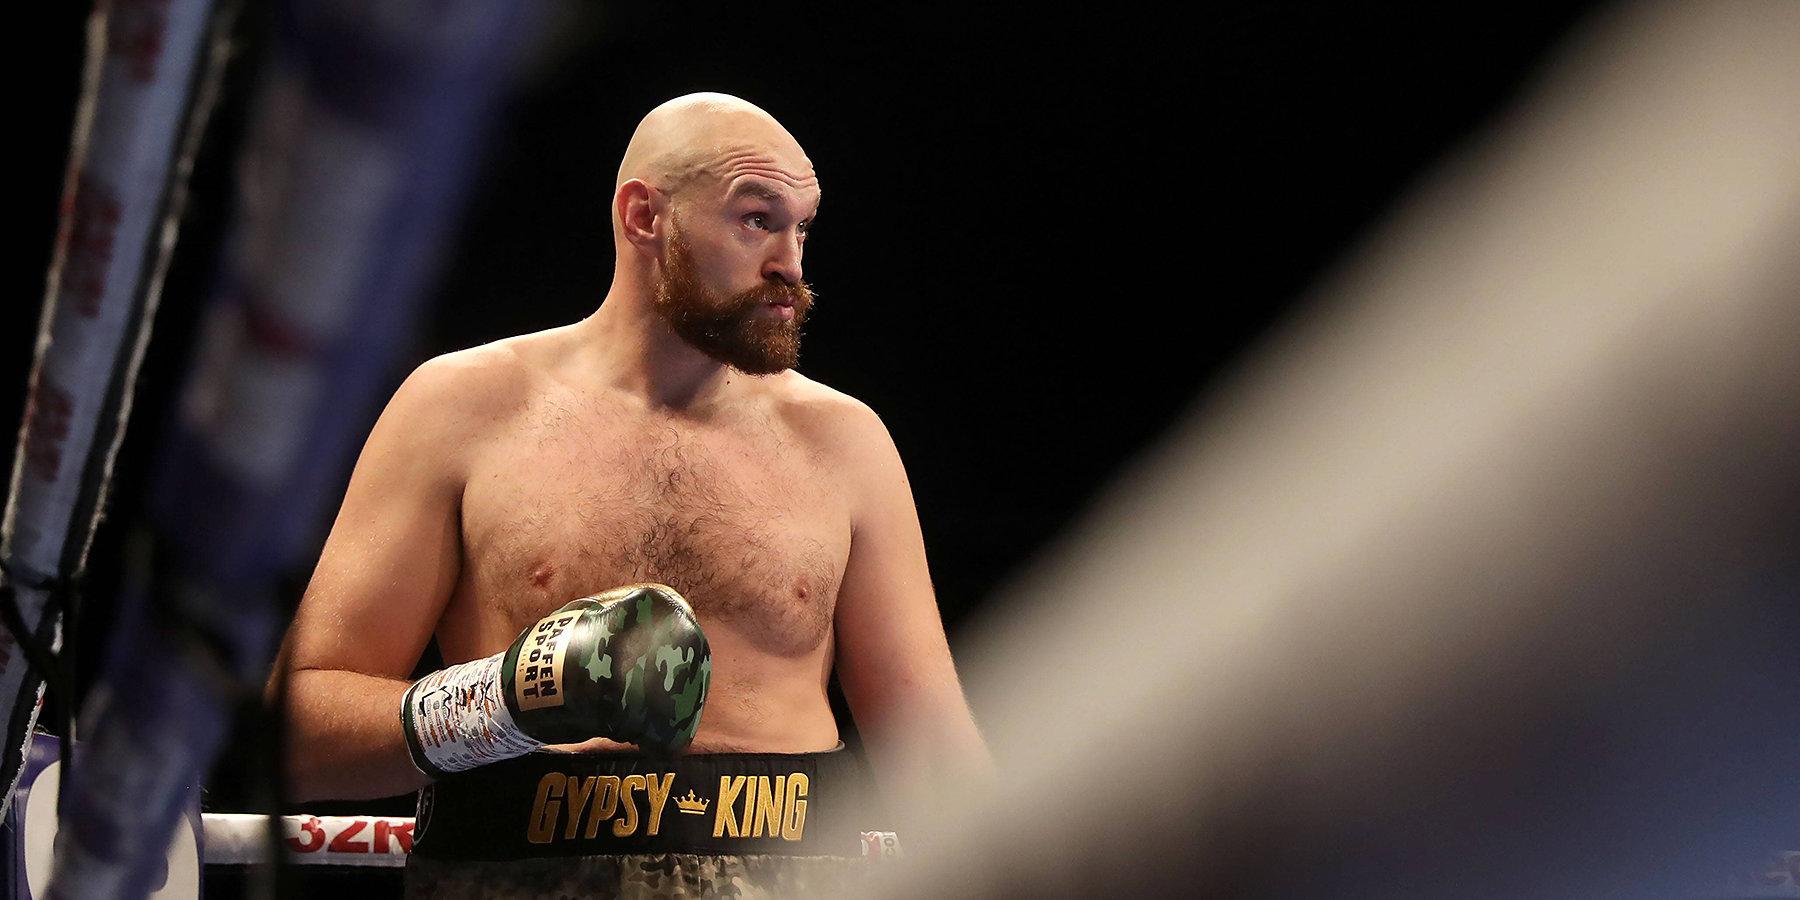 Фьюри проведет на профессиональном ринге еще 2 или 3 боя